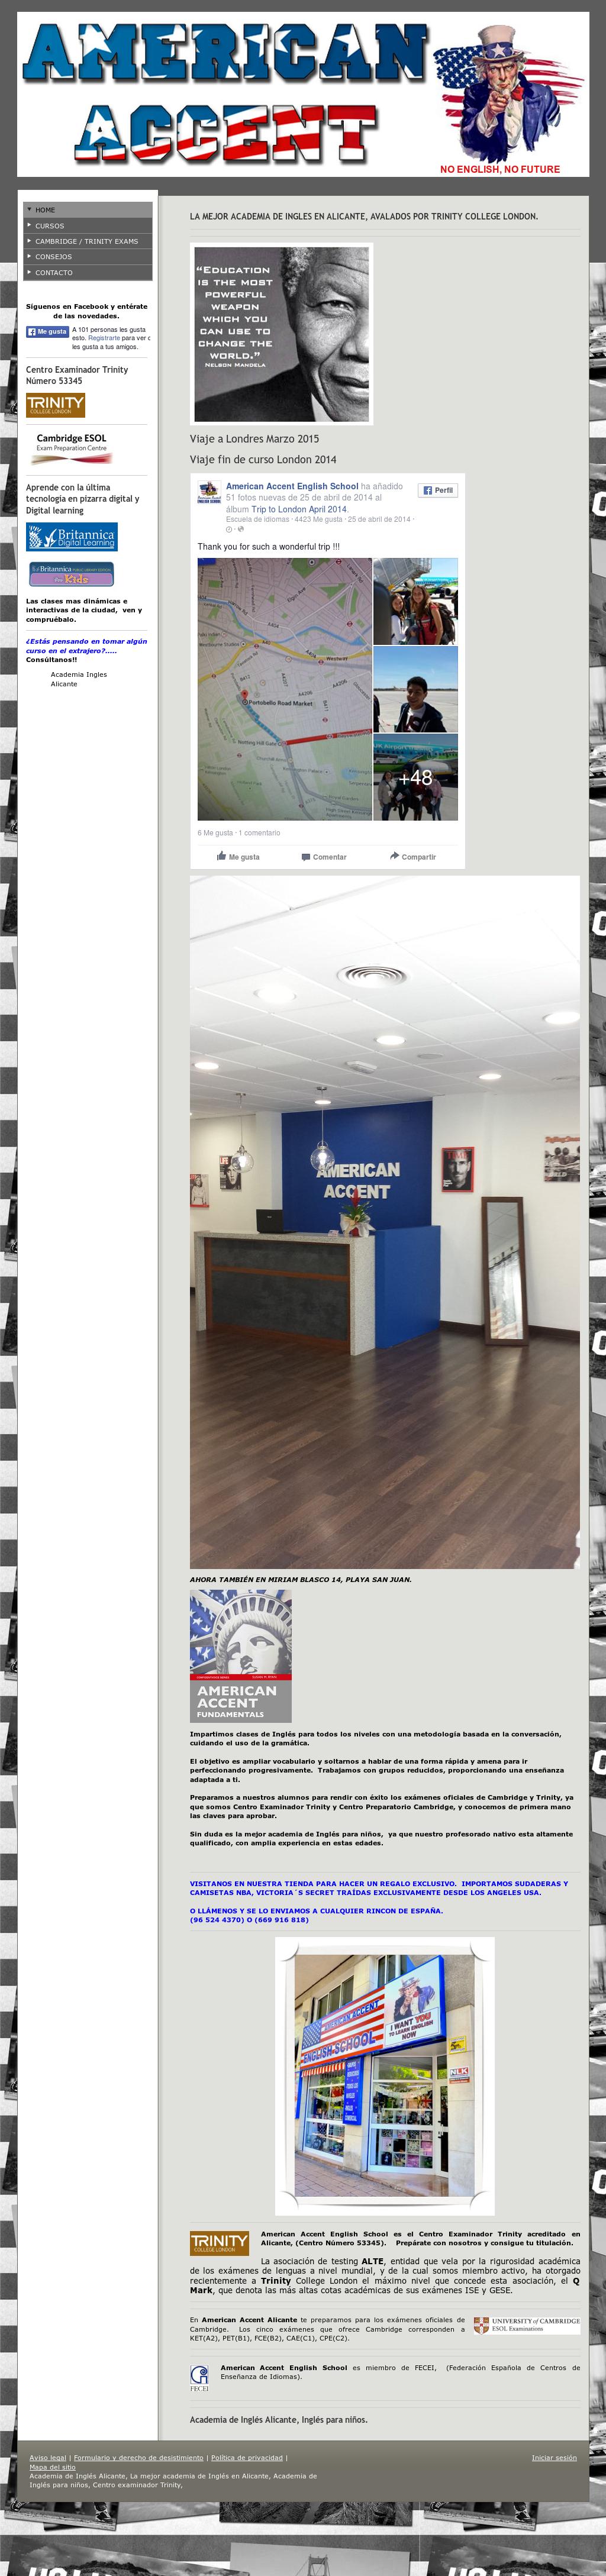 American Accent English School Competitors, Revenue and